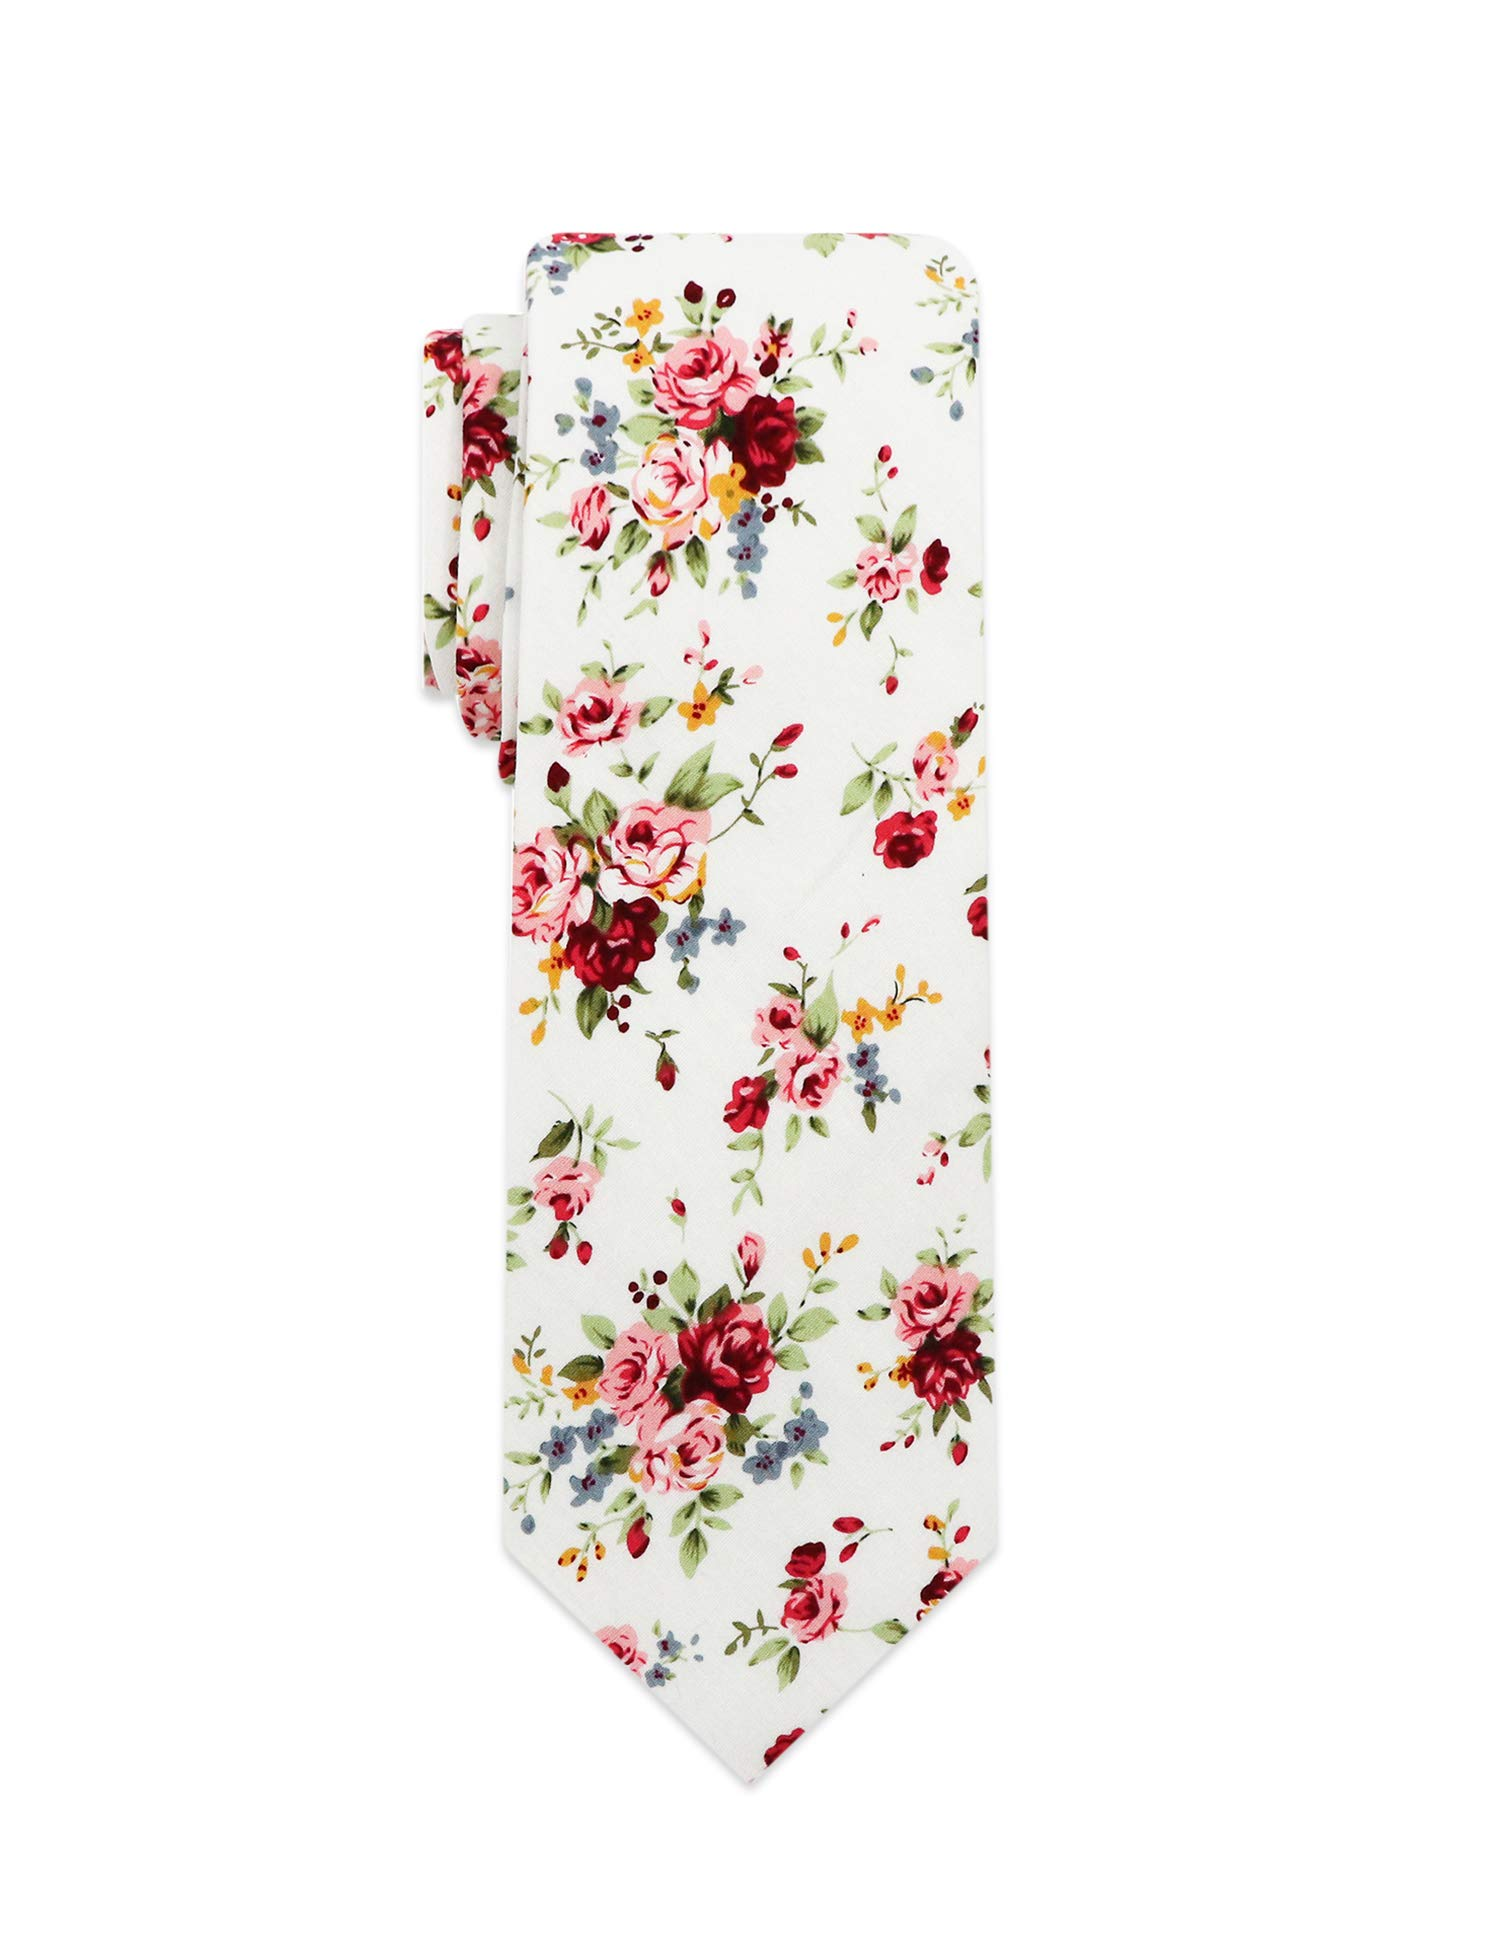 ESIR Fashion Floral Men's tie - Cotton Printed necktie - Regular size tie